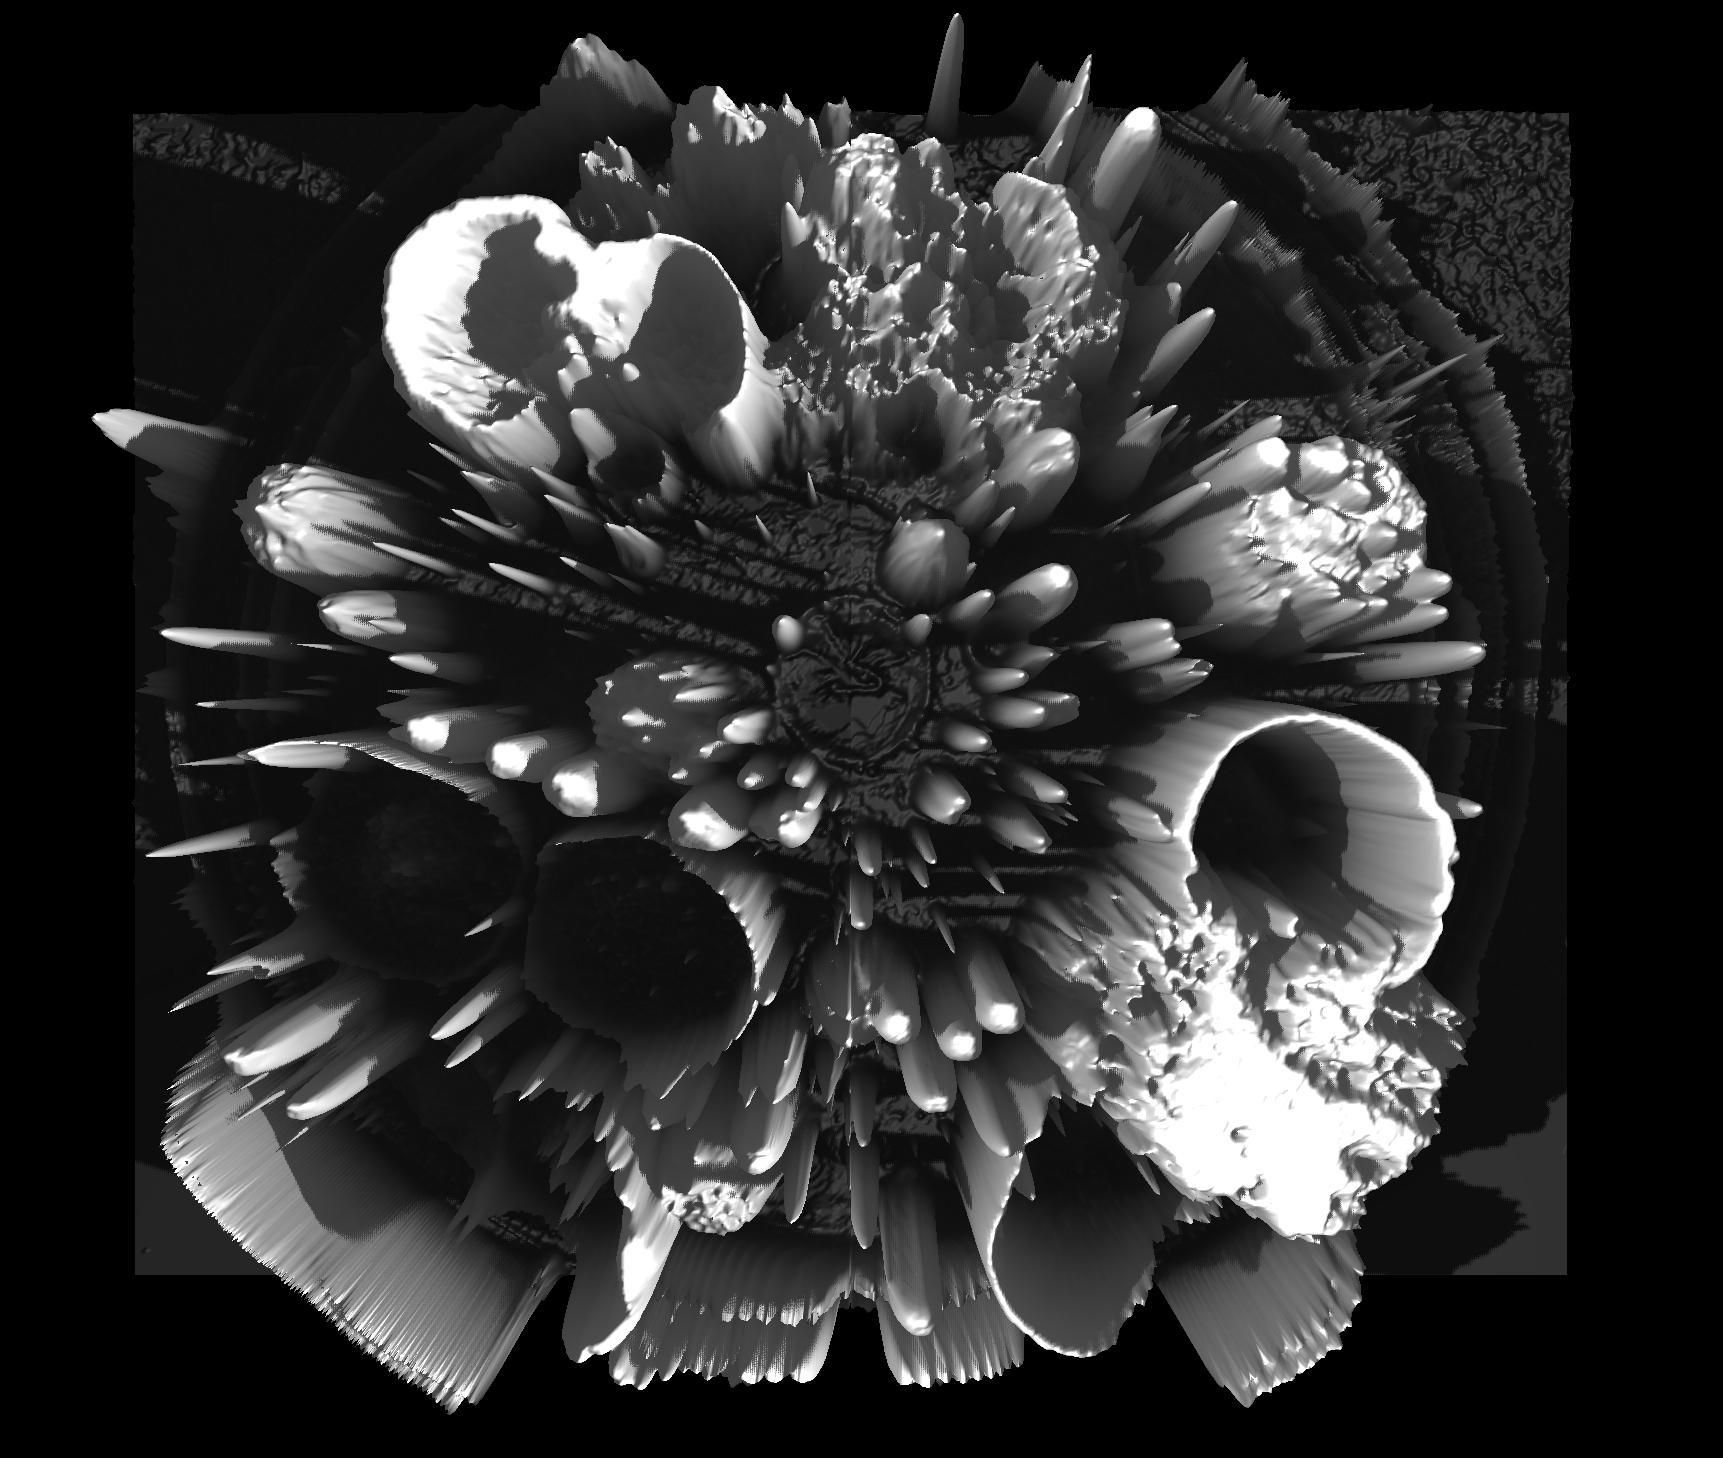 3D images, 2019